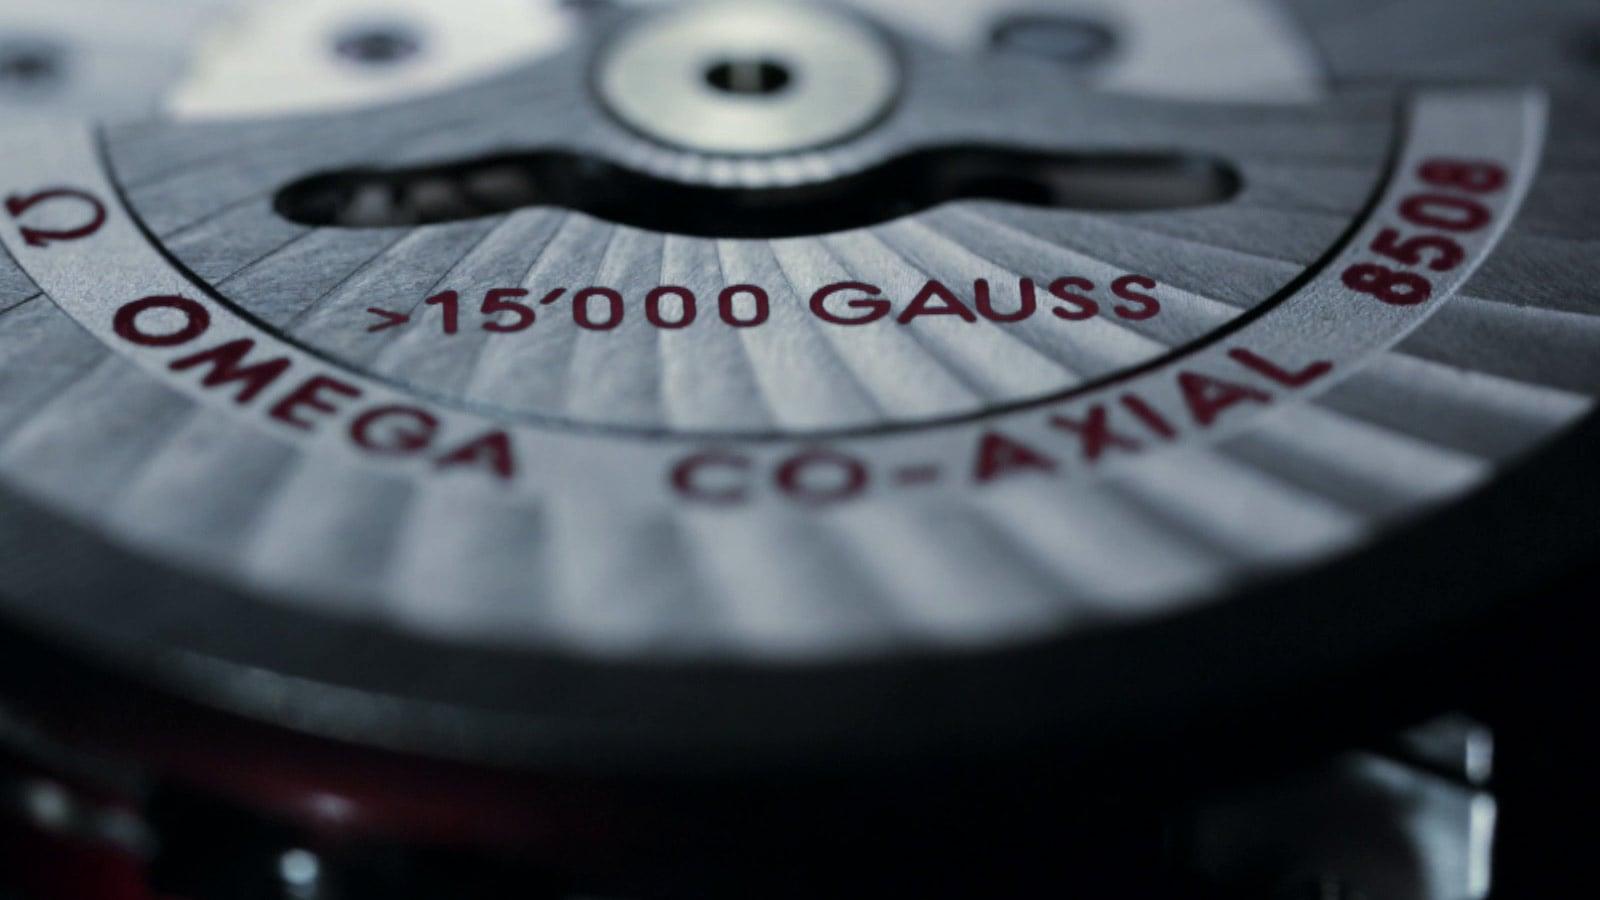 > 15,000高斯腕表: Seamaster - Aqua Terra 150米腕表 - 影片 - 16386